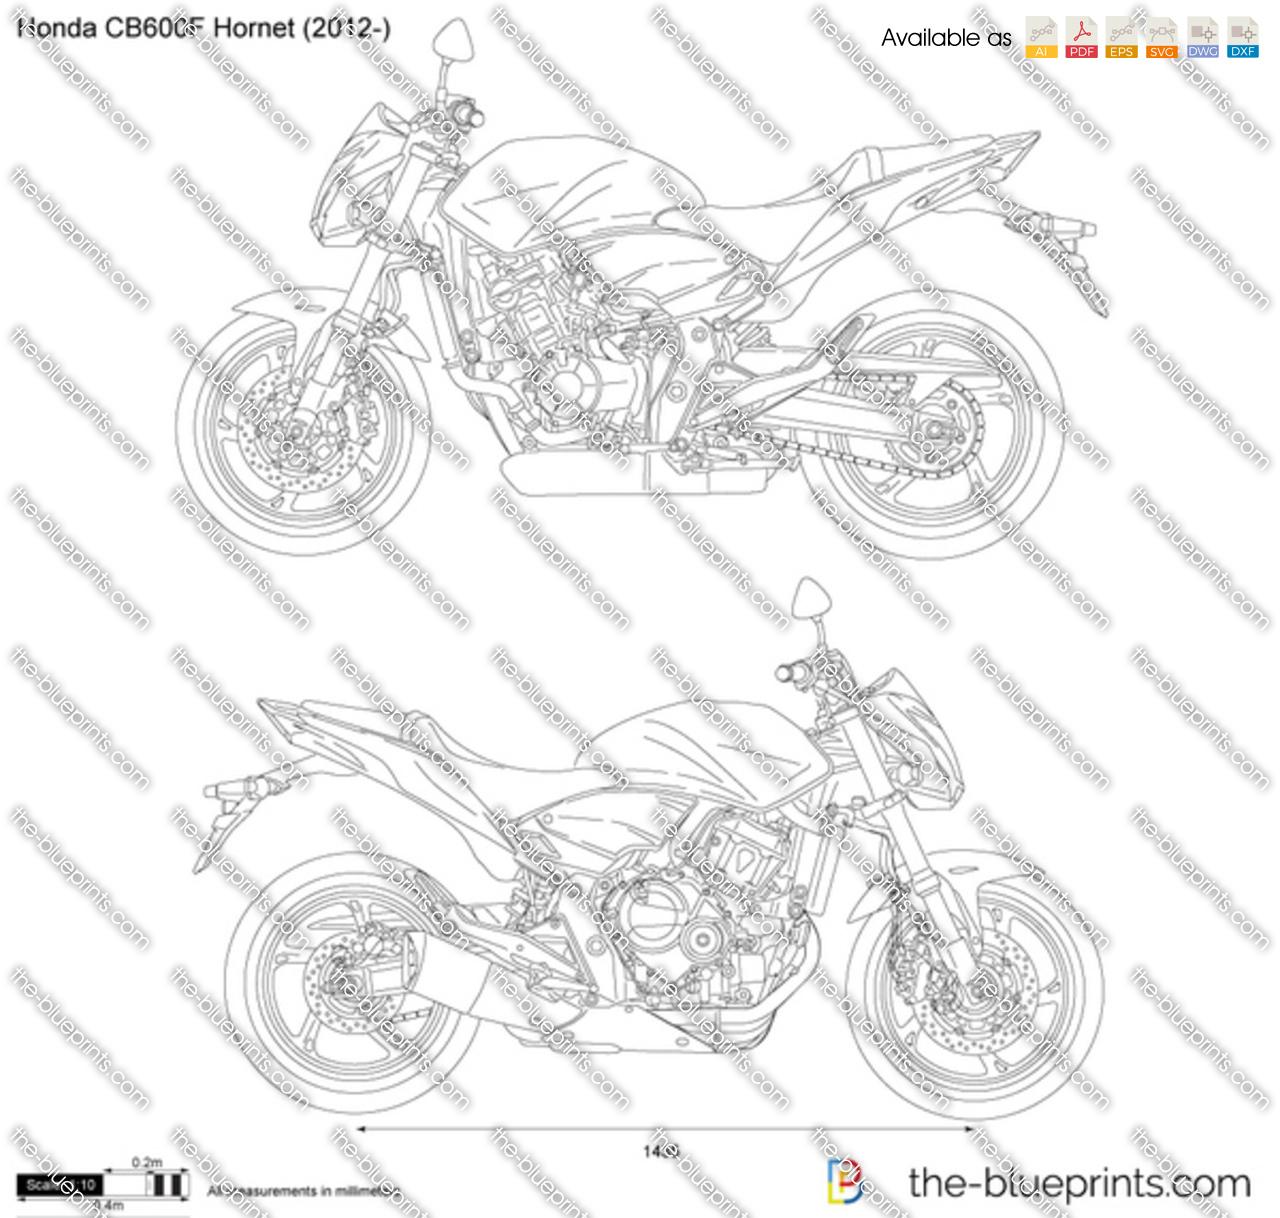 Honda Cb600f Hornet Vector Drawing